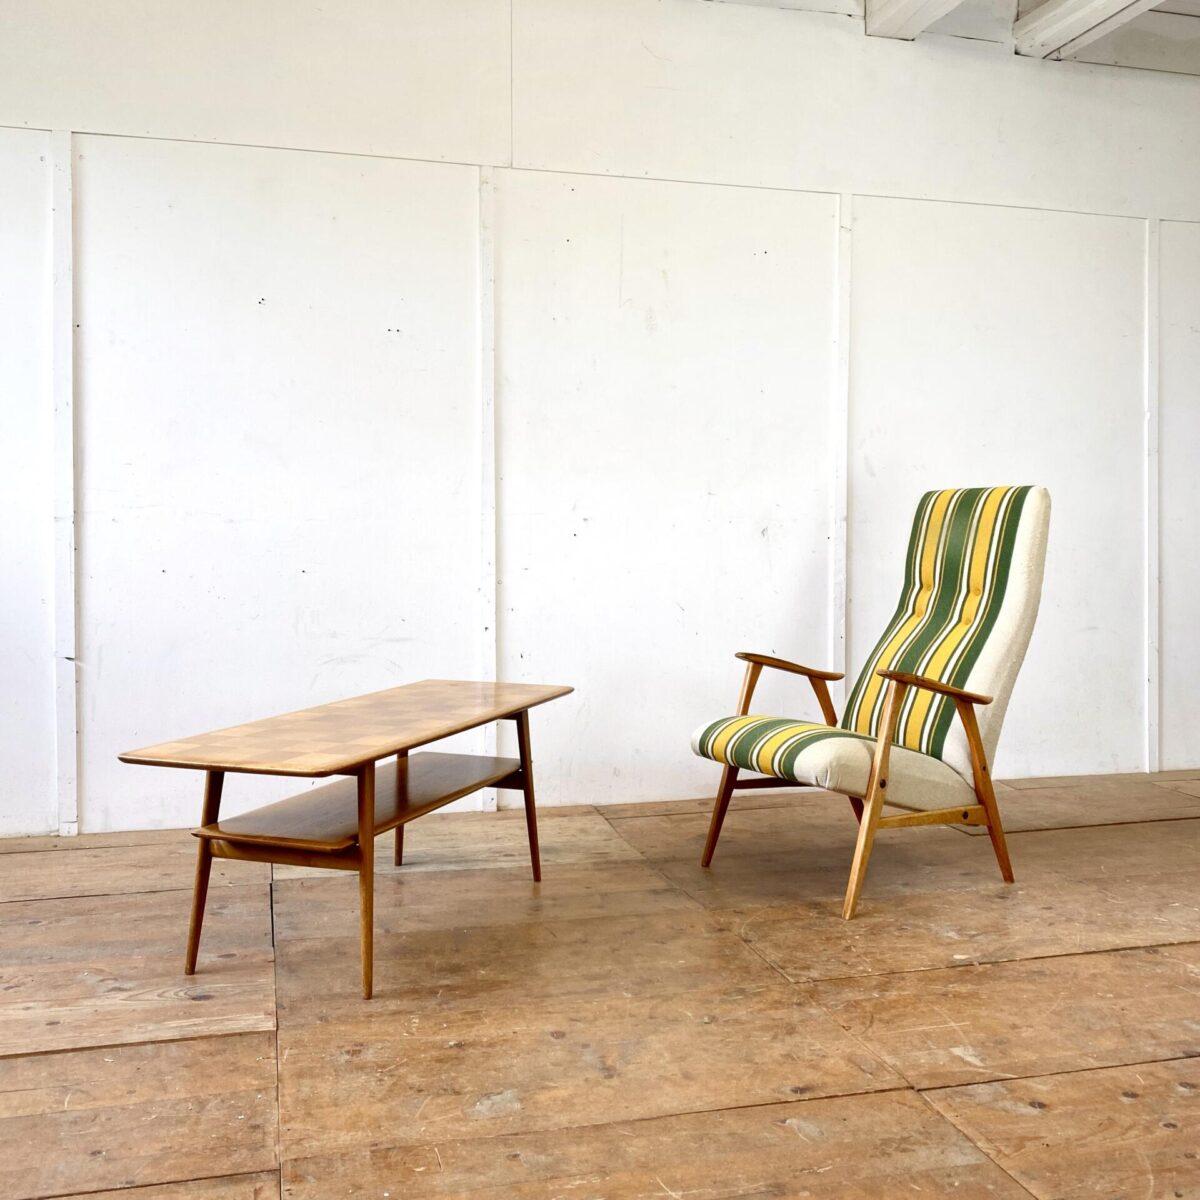 Deuxieme.shop midcentury coffetable. Länglicher Salontisch aus Nussbaumholz. Deckplatte mit kariertem Intarsien Muster. Kleinere Lackschäden und Kratzer, ansonsten in gutem vintage Zustand.